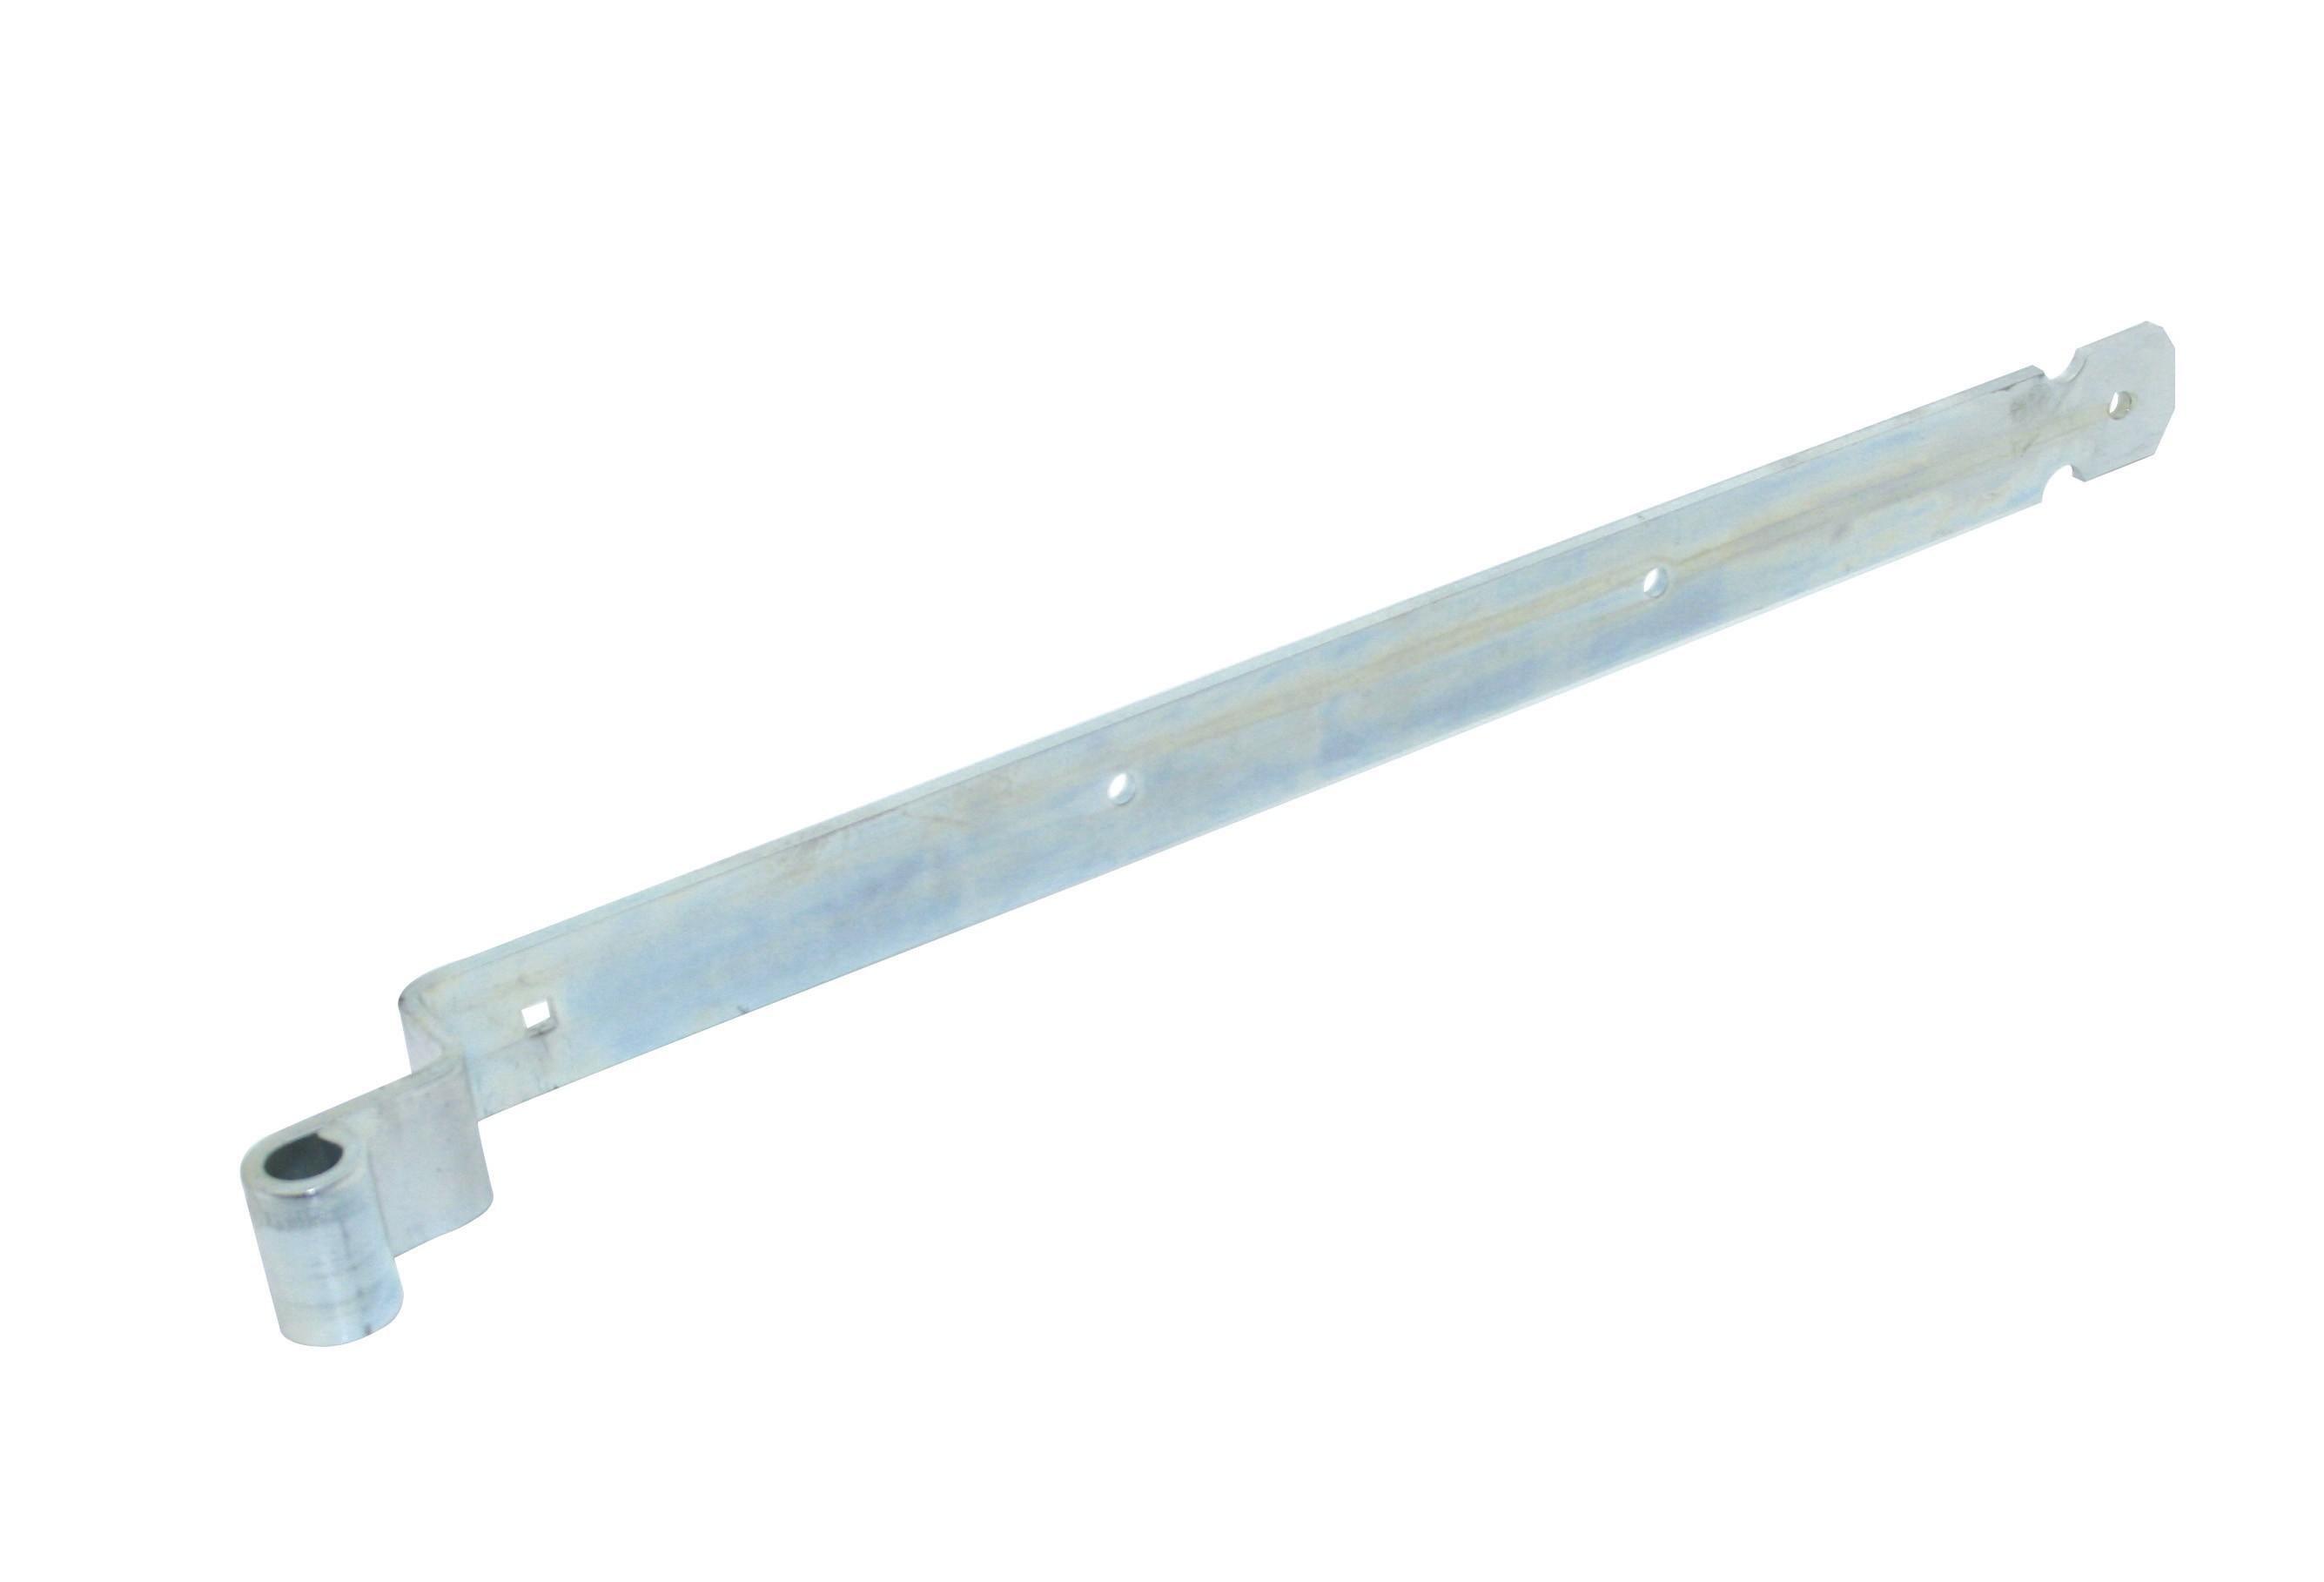 Penture coudée de volet battant penne Ø 16 750 45x6 EV